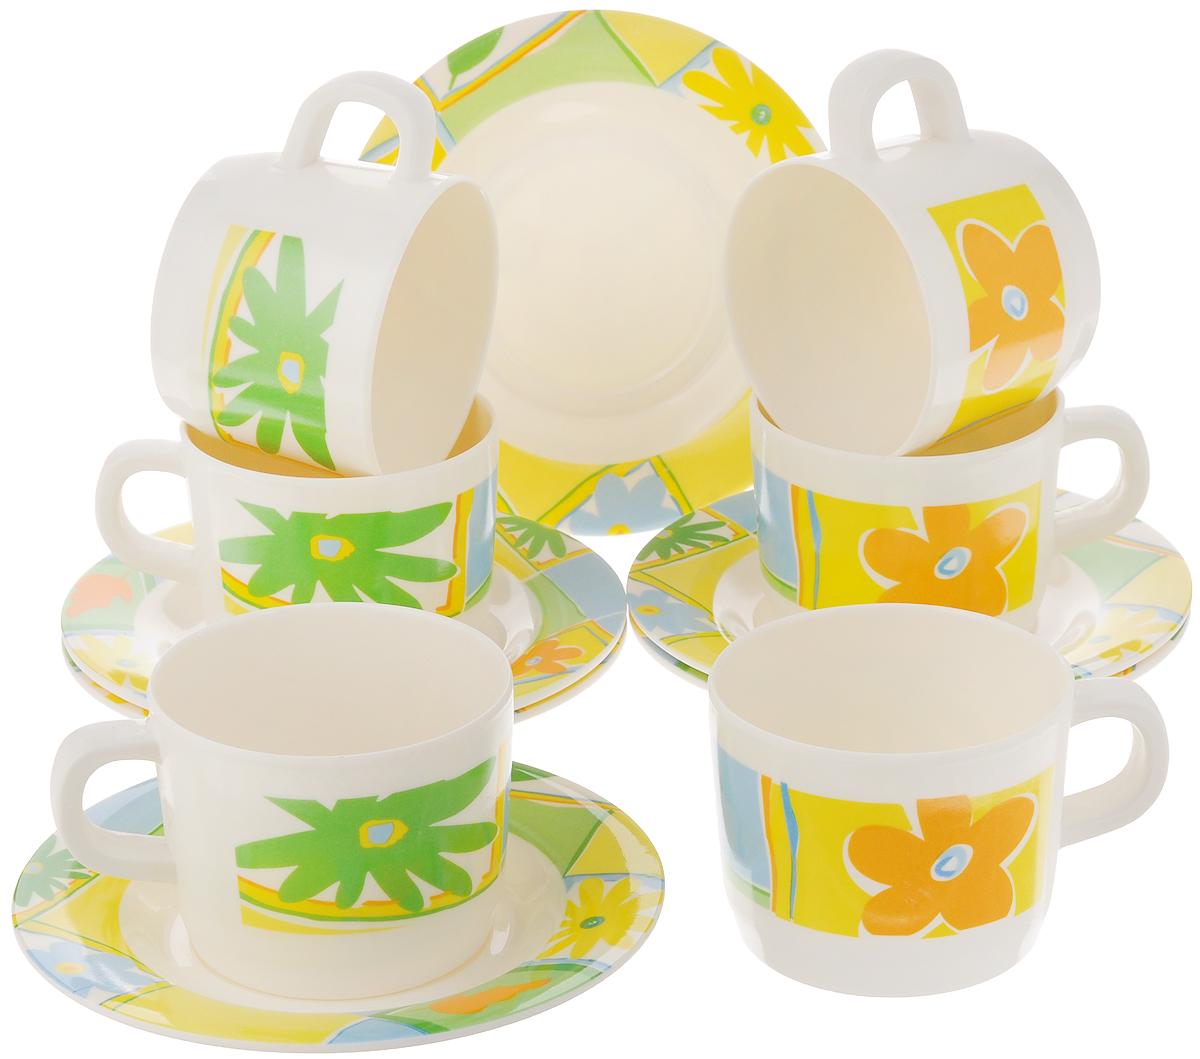 Набор чайный Calve, цвет: белый, желтый, 12 предметовCL-2509_белый, желтыйЧайный набор Calve состоит из шести чашек и шести блюдец, выполненных из меламина. Изделия оформлены ярким рисунком. Изящный набор эффектно украсит стол к чаепитию и порадует вас функциональностью и ярким дизайном. Можно мыть в посудомоечной машине. Диаметр чашки (по верхнему краю): 8 см. Высота чашки: 6 см. Объем чашки: 240 мл. Диаметр блюдца: 14,5 см. Высота блюдца: 1,5 см.